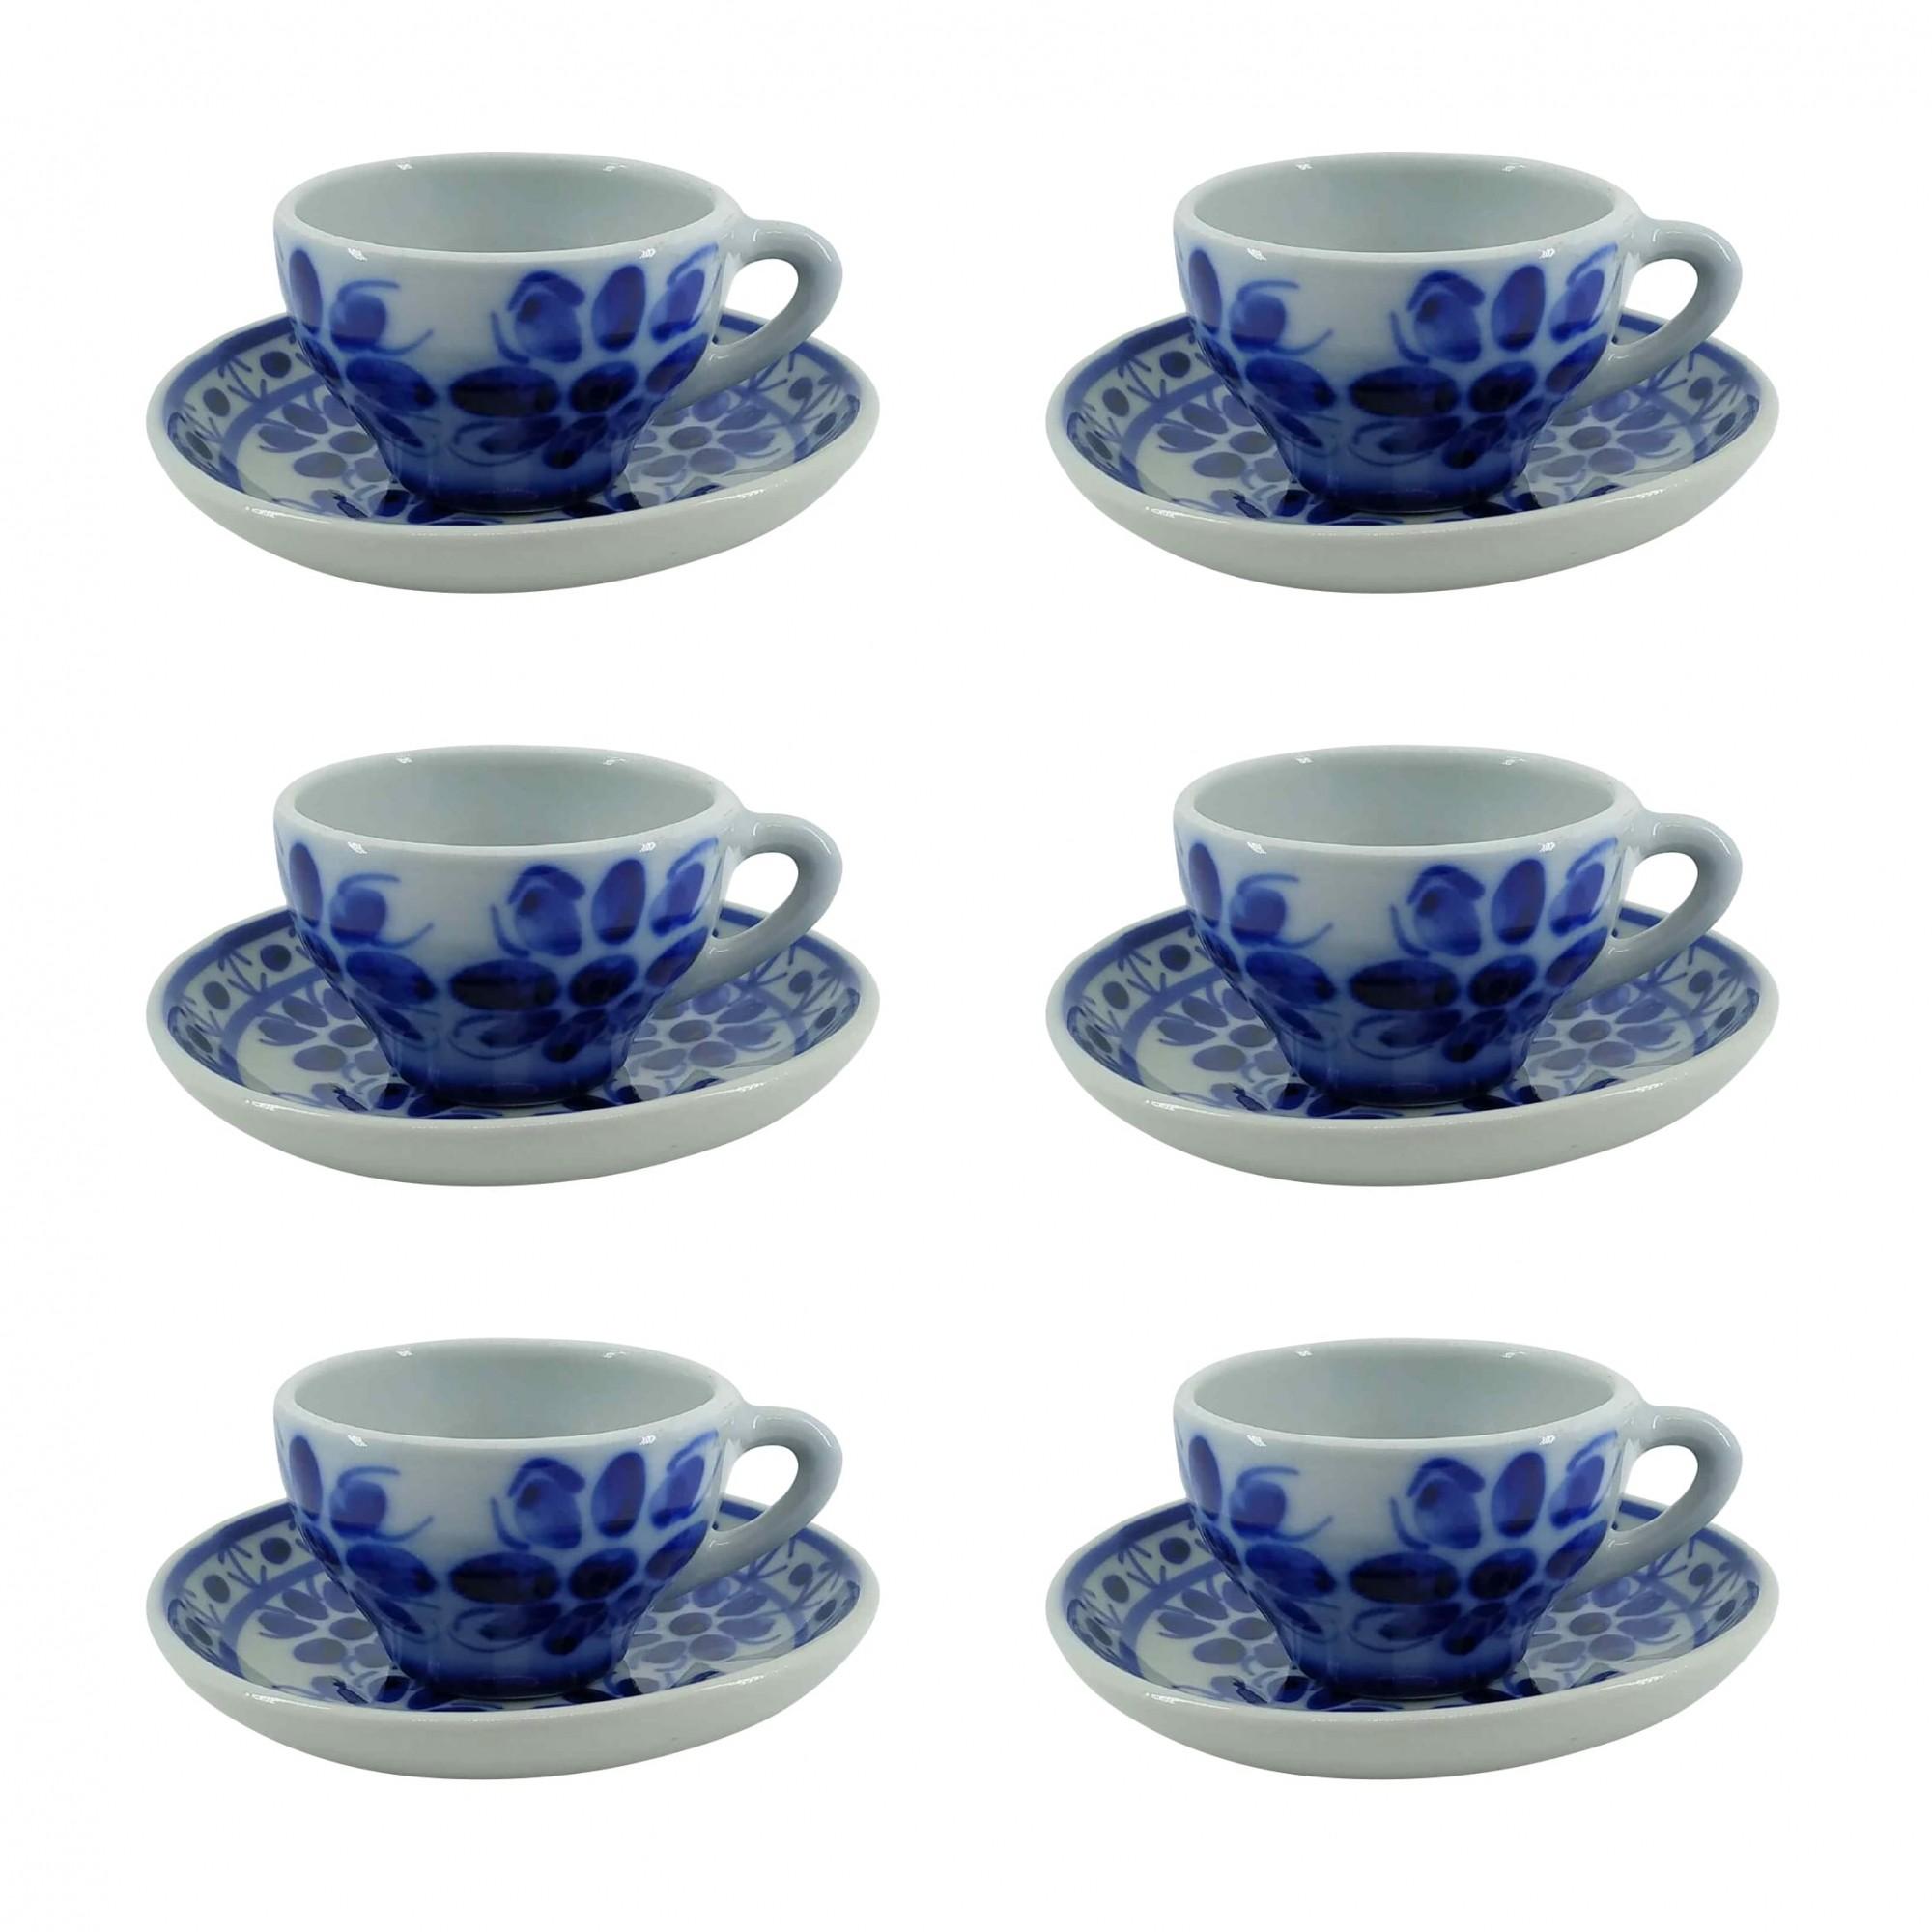 Jogo de 6 Xícaras de Chá e Pires em Porcelana Azul Colonial 120 ml